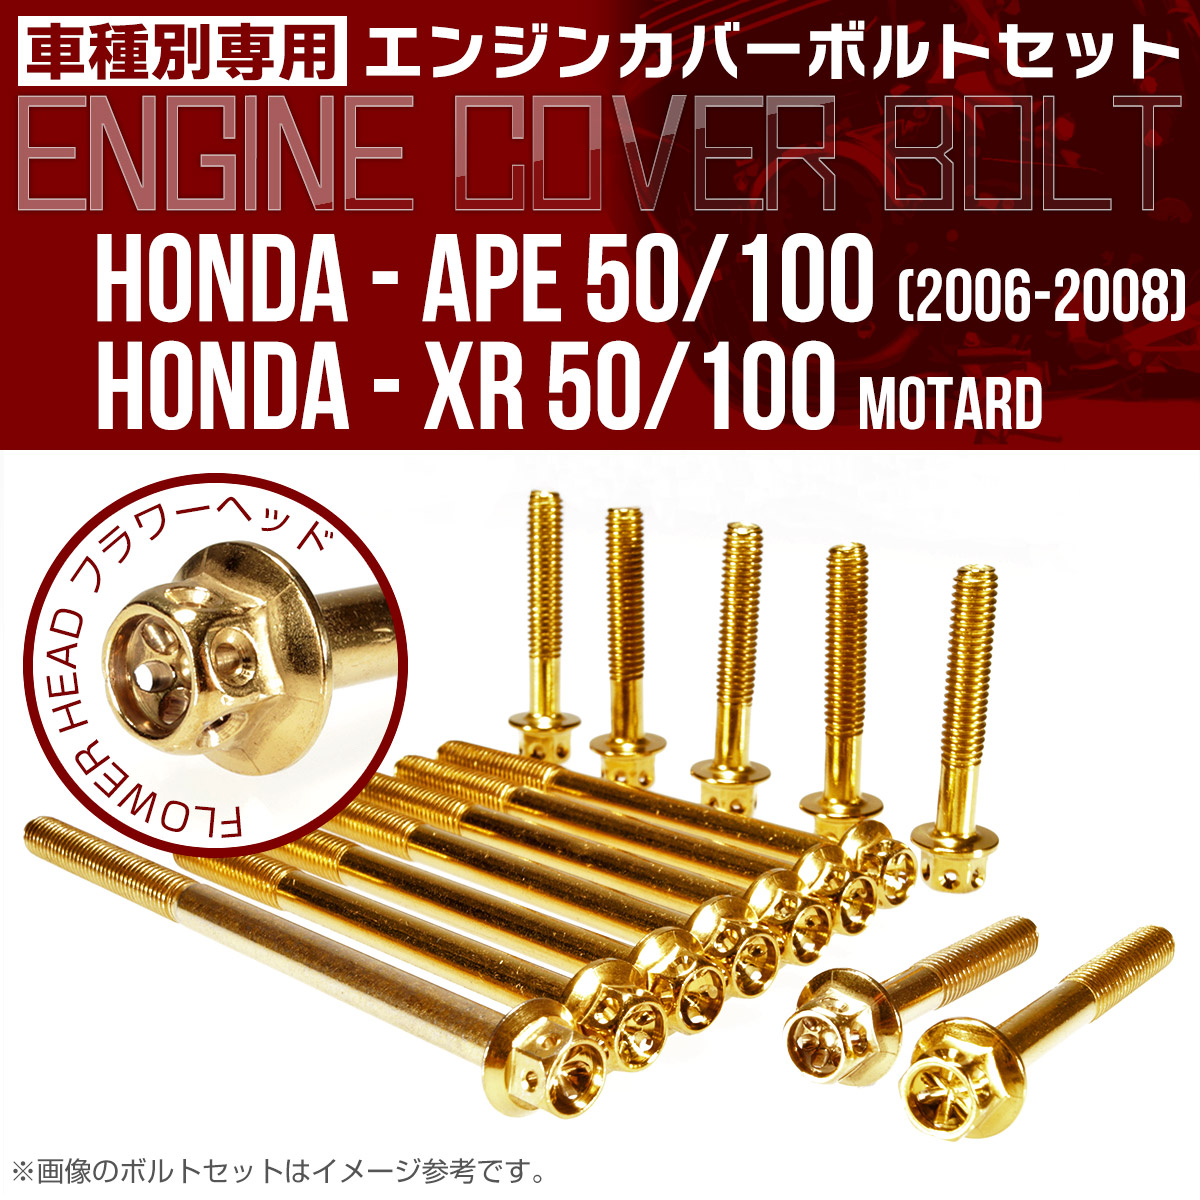 エイプ XR モタード  50 100 エンジンカバーボルト 14本セット フラワーヘッド ゴールド TB6180